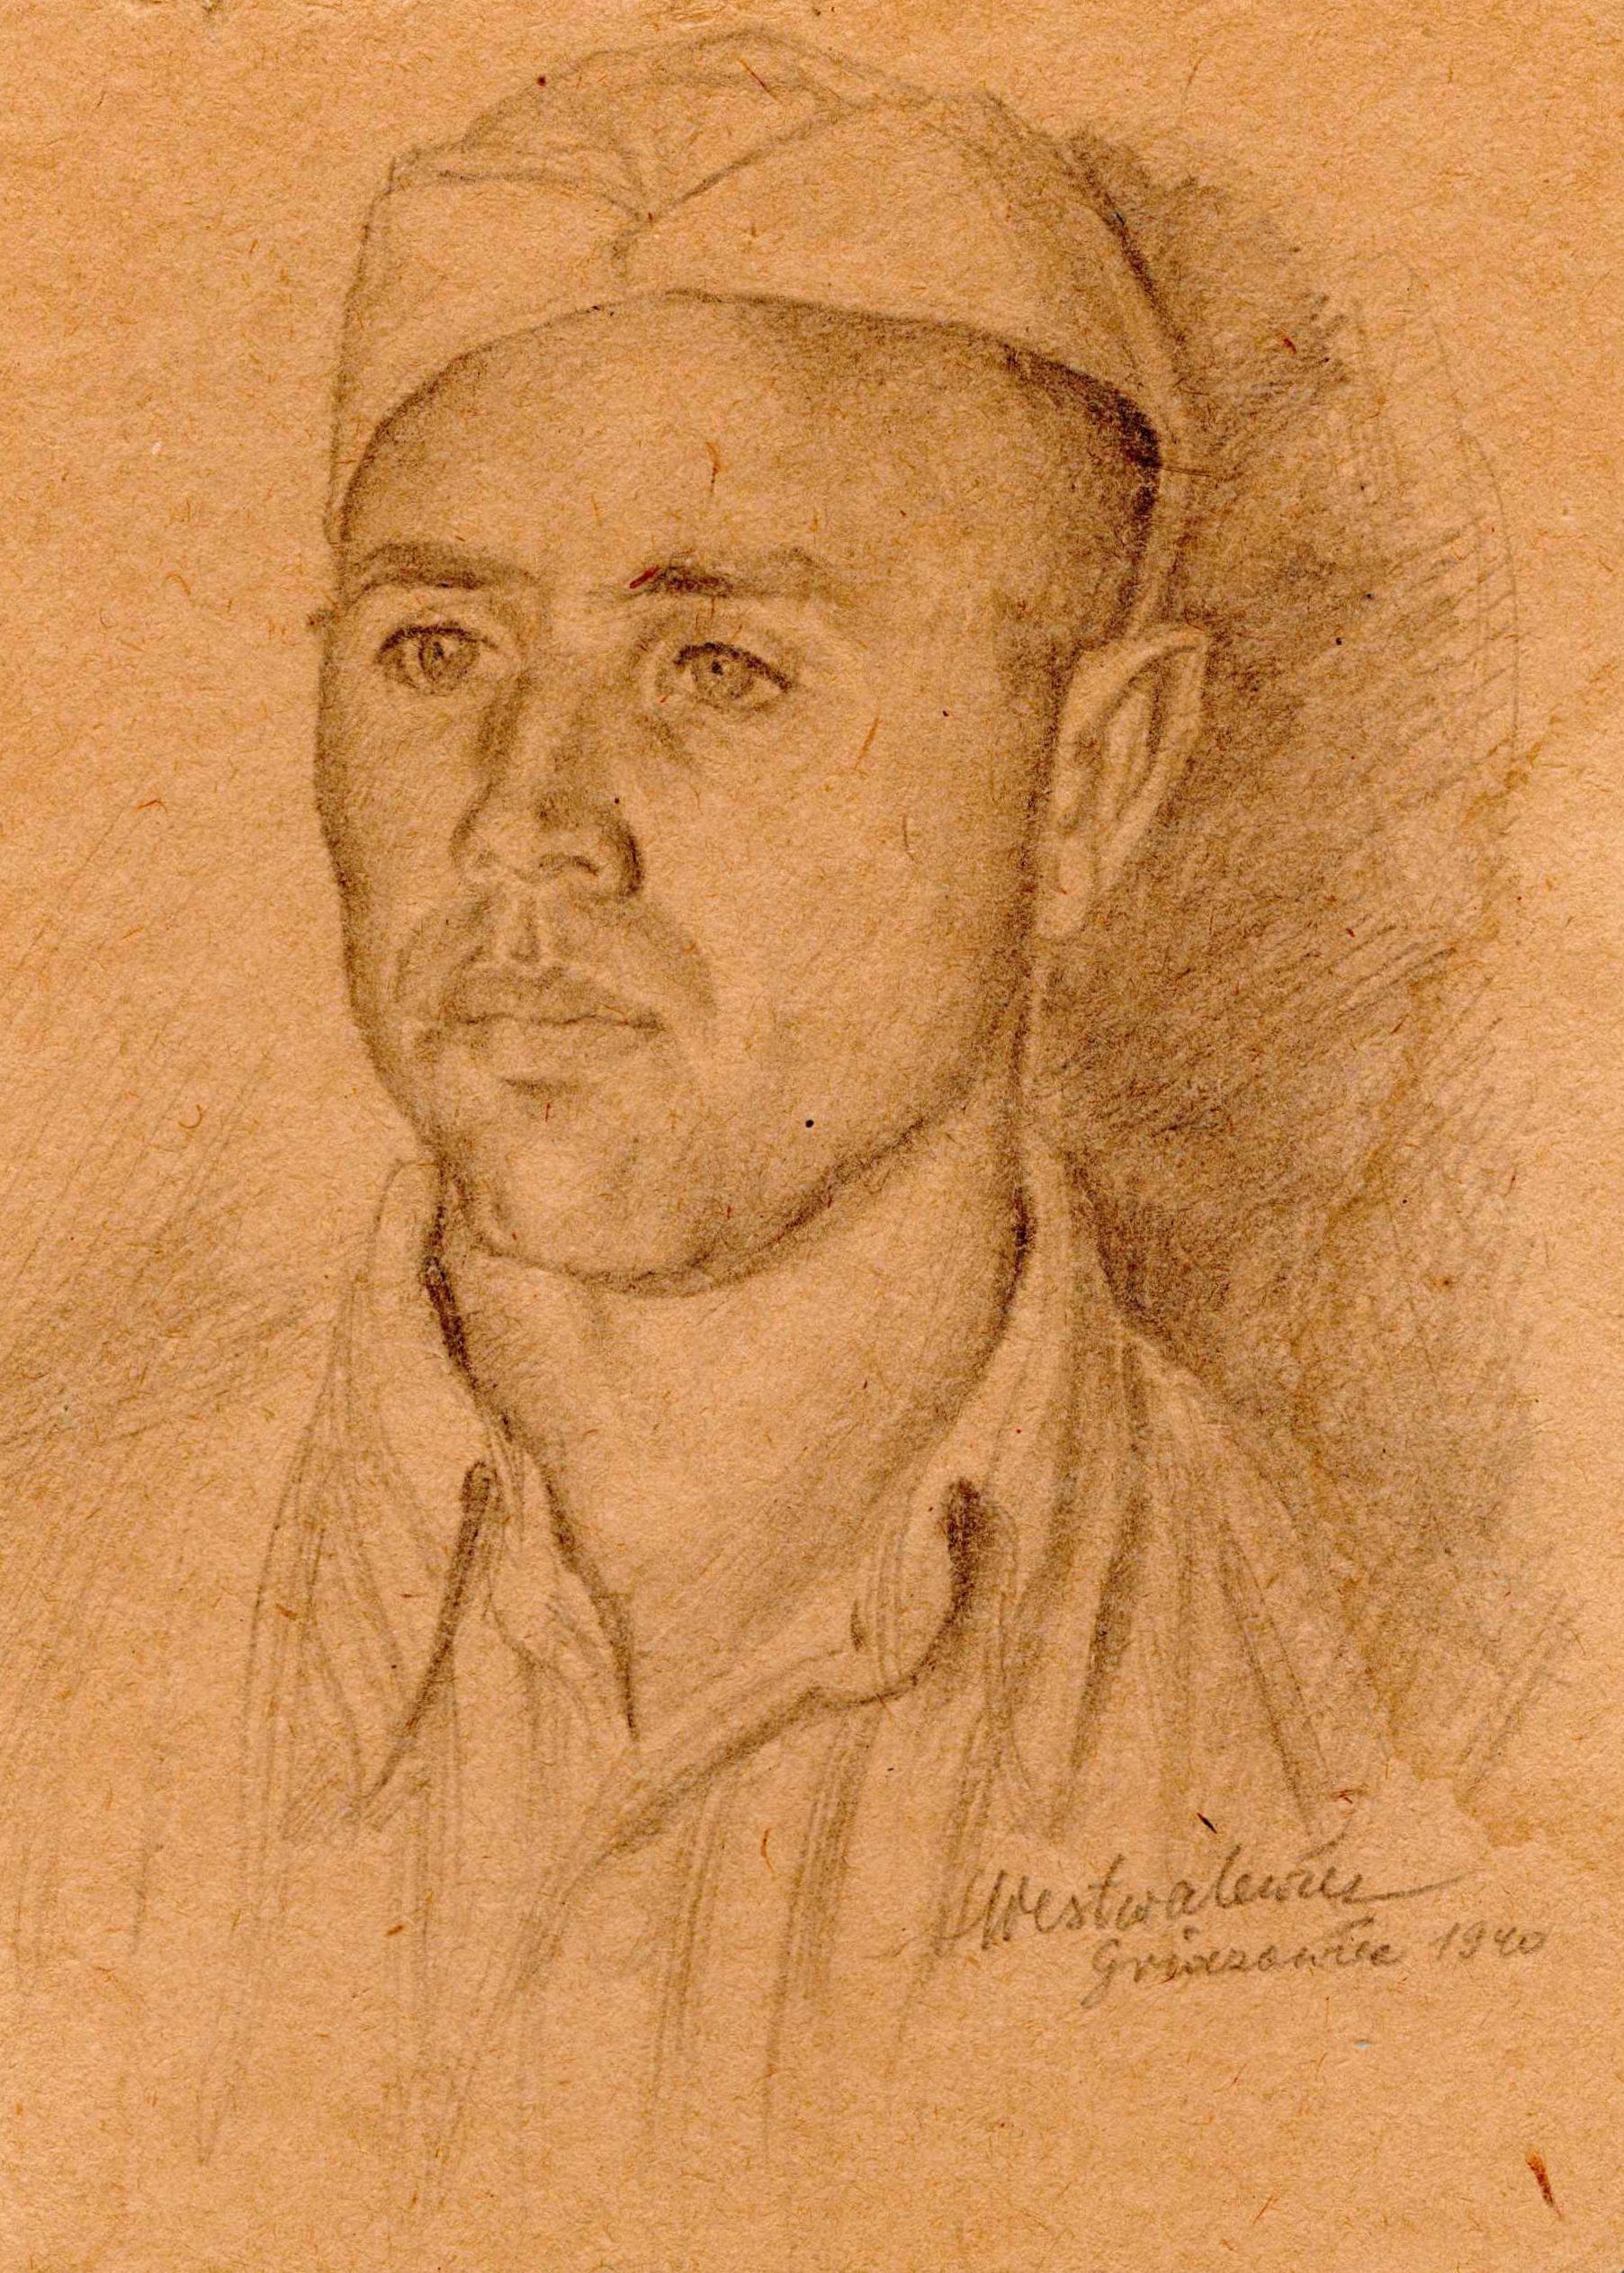 Rysunek ołówkiem przedstawiający podporucznika Aleksandra Witliba wstroju więziennym. Stanisław Westwalewicz, obóz wGriazowcu 1940